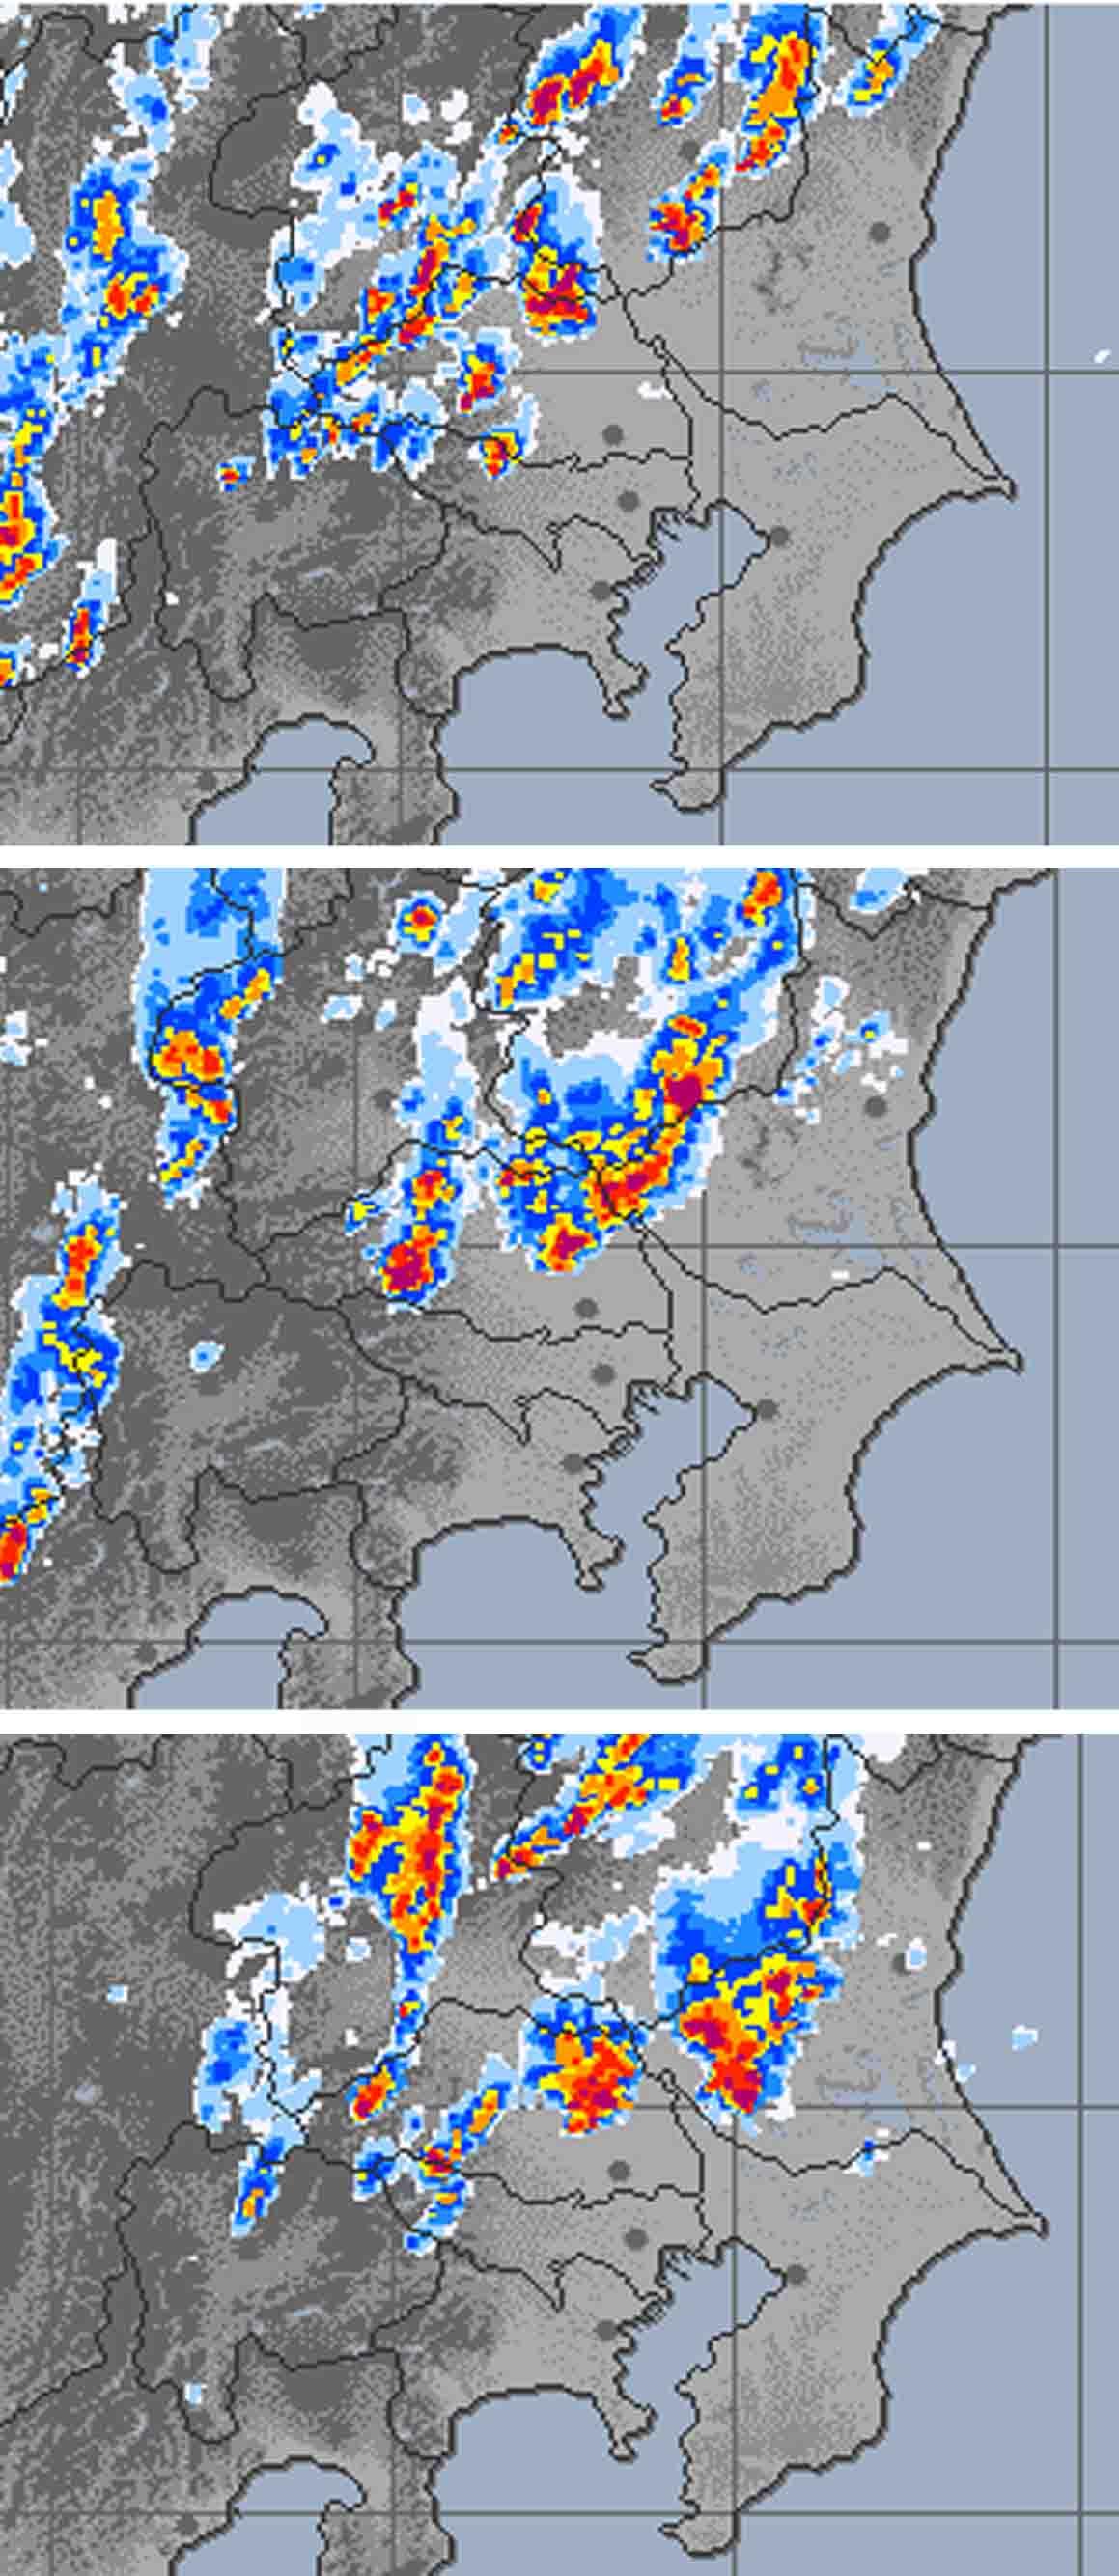 9月1日の関東中部の大雨とカナトコ雲(10)